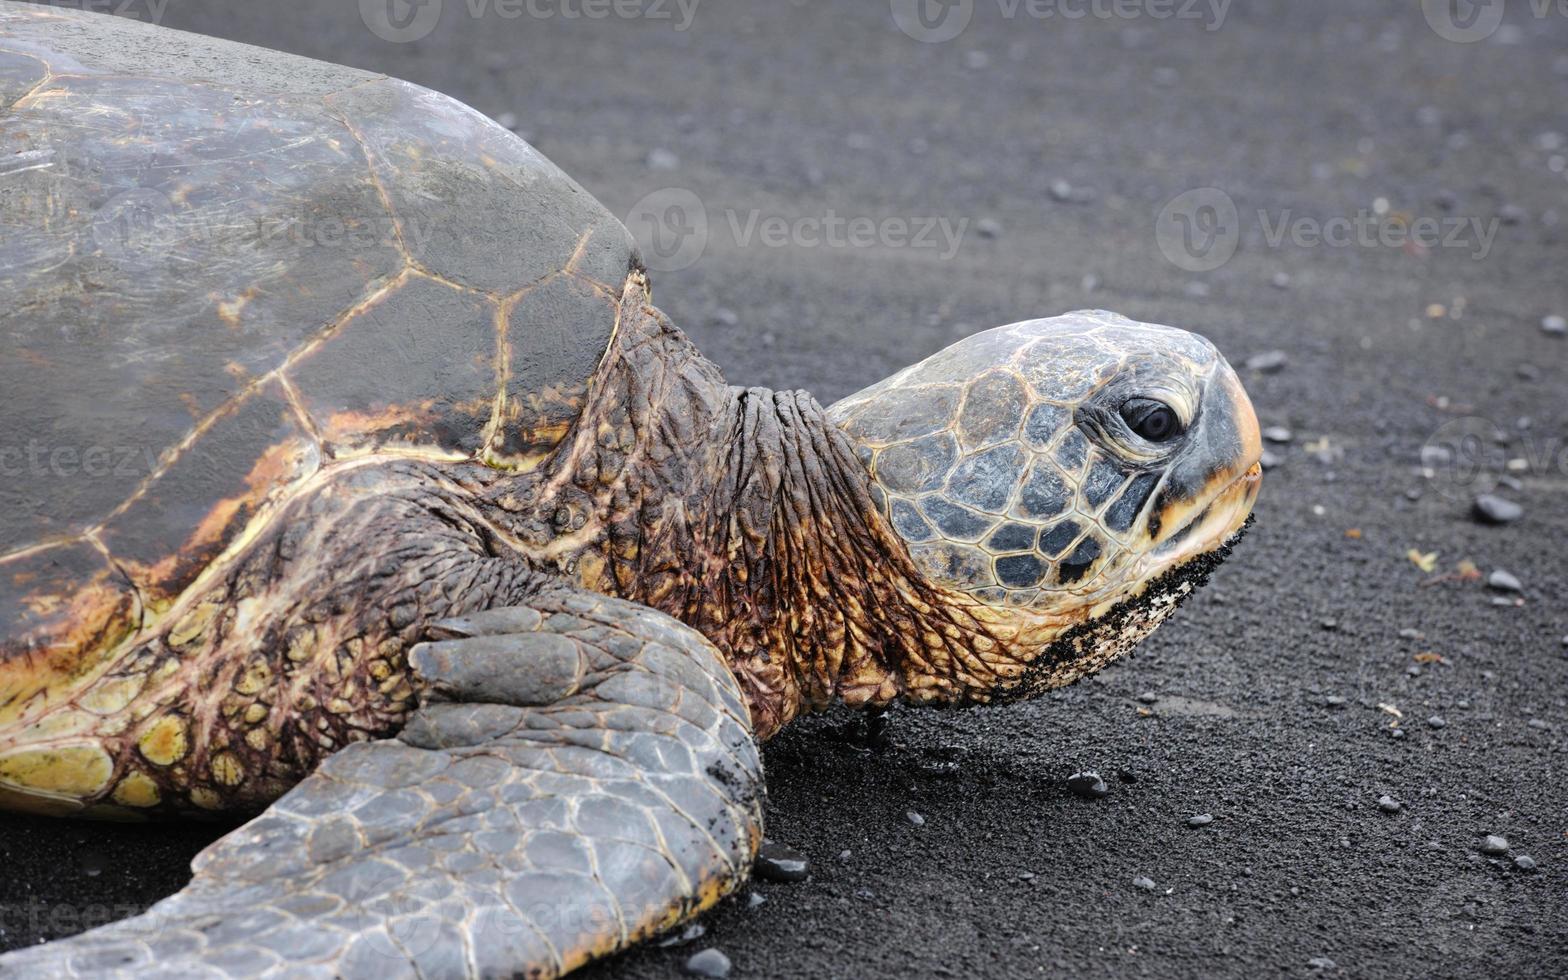 tortuga verde en peligro de extinción en la vida silvestre, hawaii (xxxl) foto